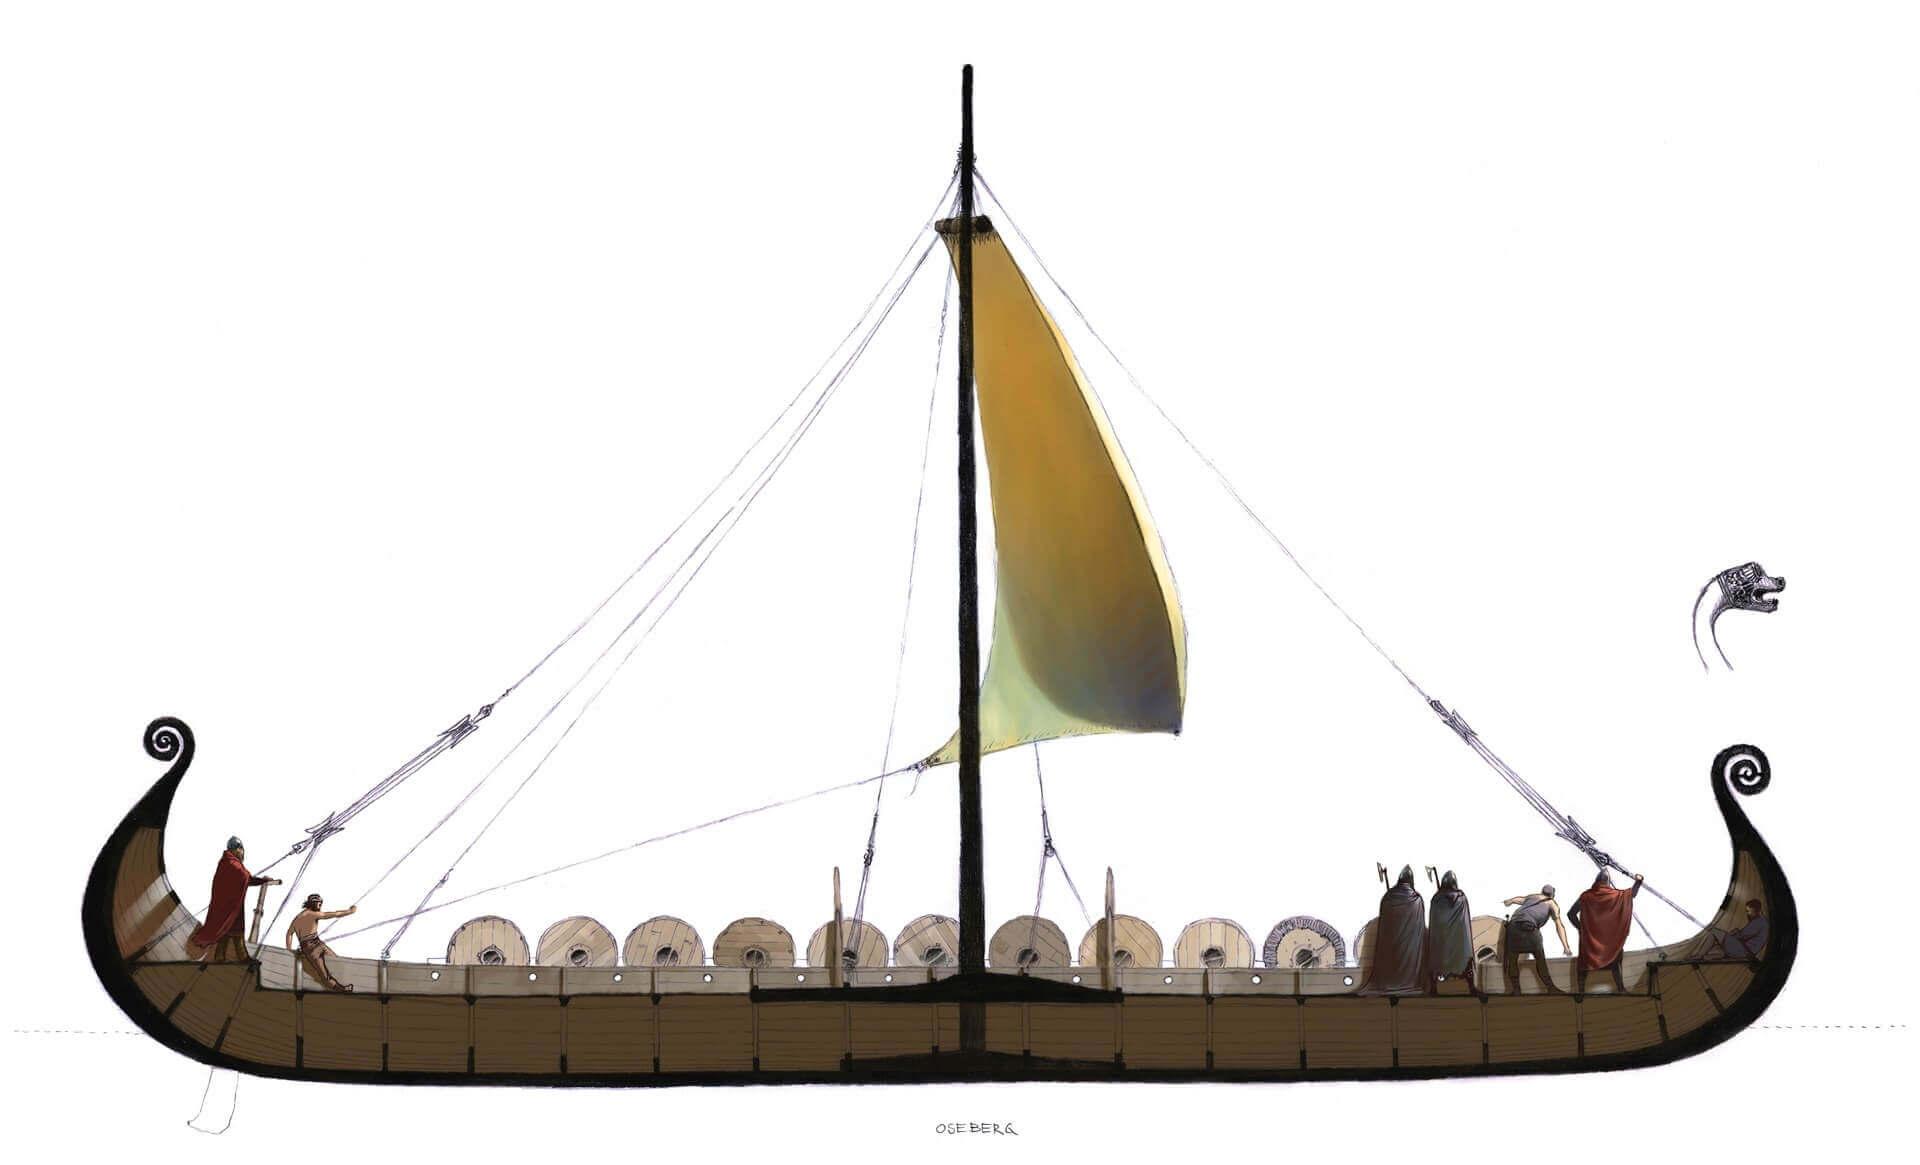 Sección del barco vikingo de Oseberg